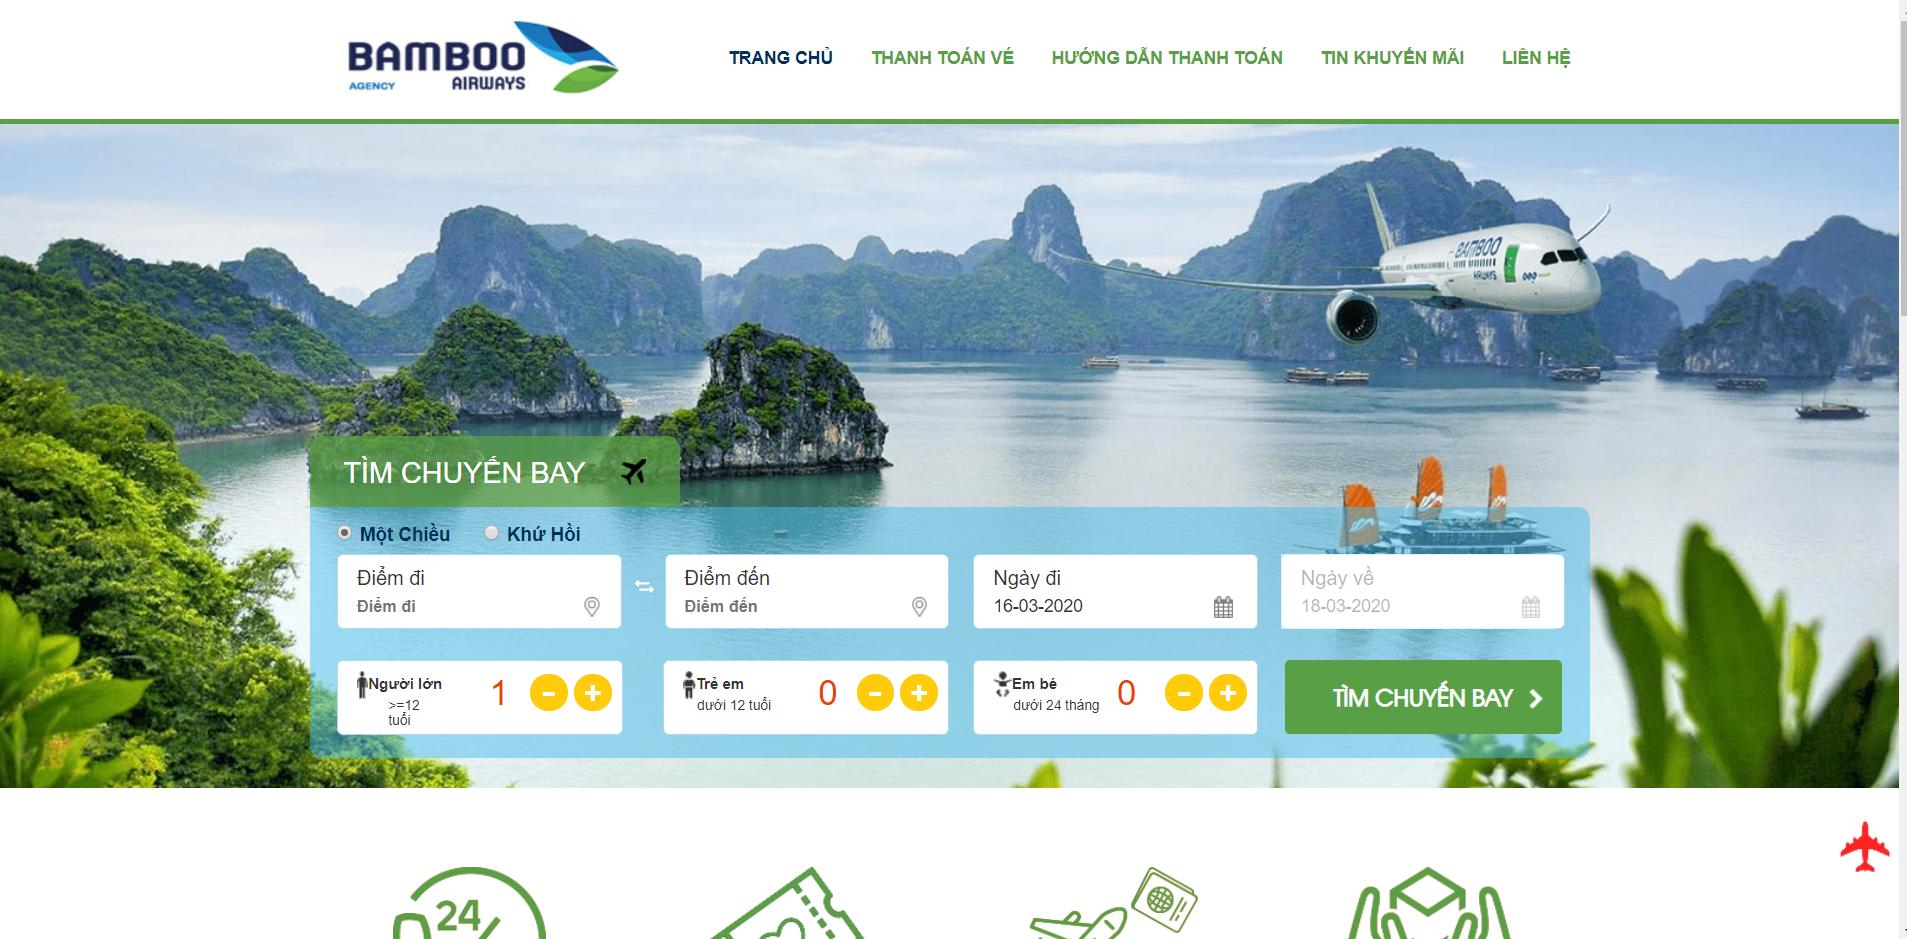 Trang Chủ Bamboo Airways